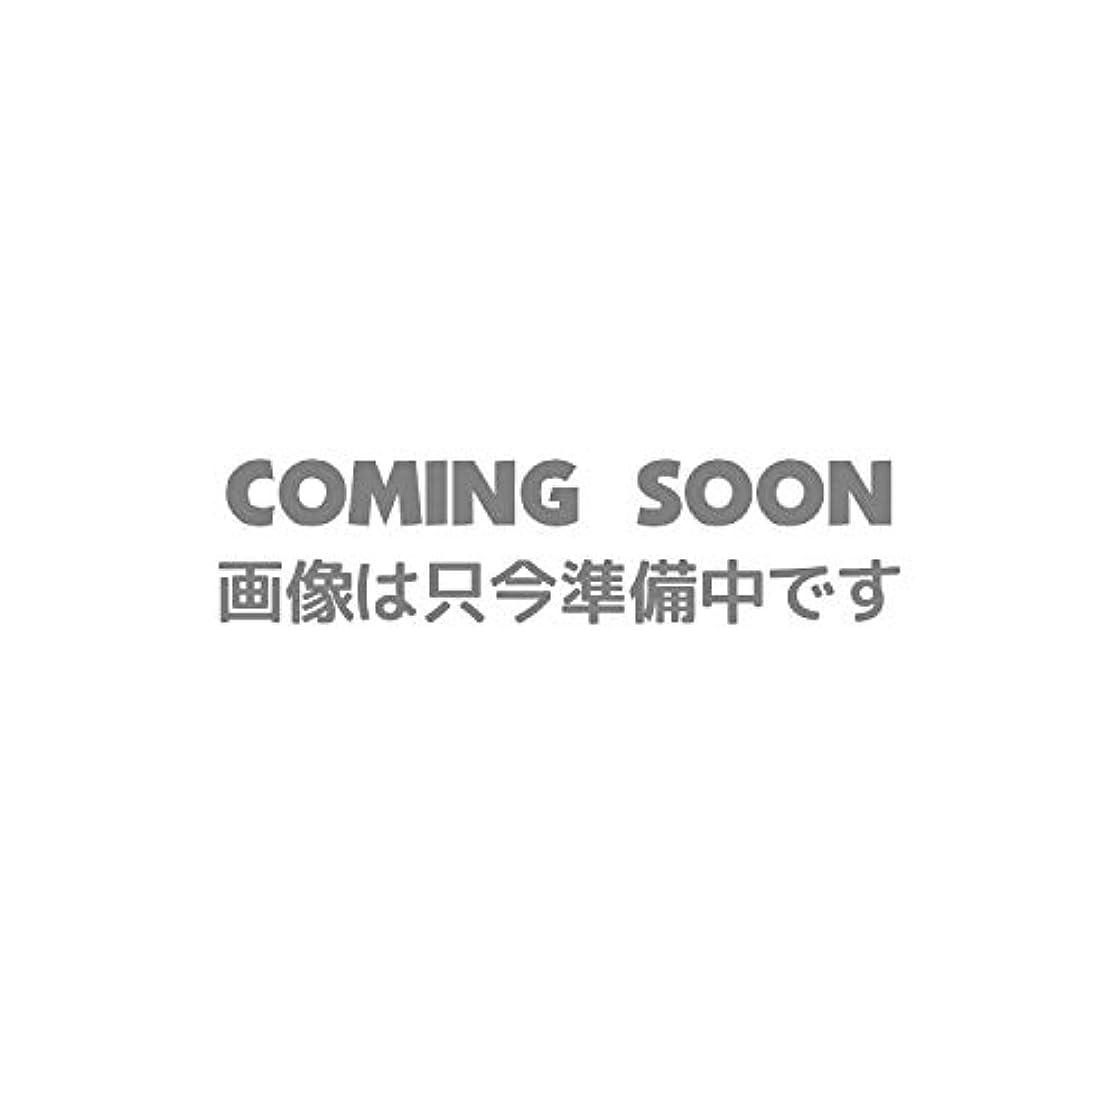 レポートを書く小川裏切り者SHO-BI ディズニーリトルマーメイド コーム アリエル [192773]